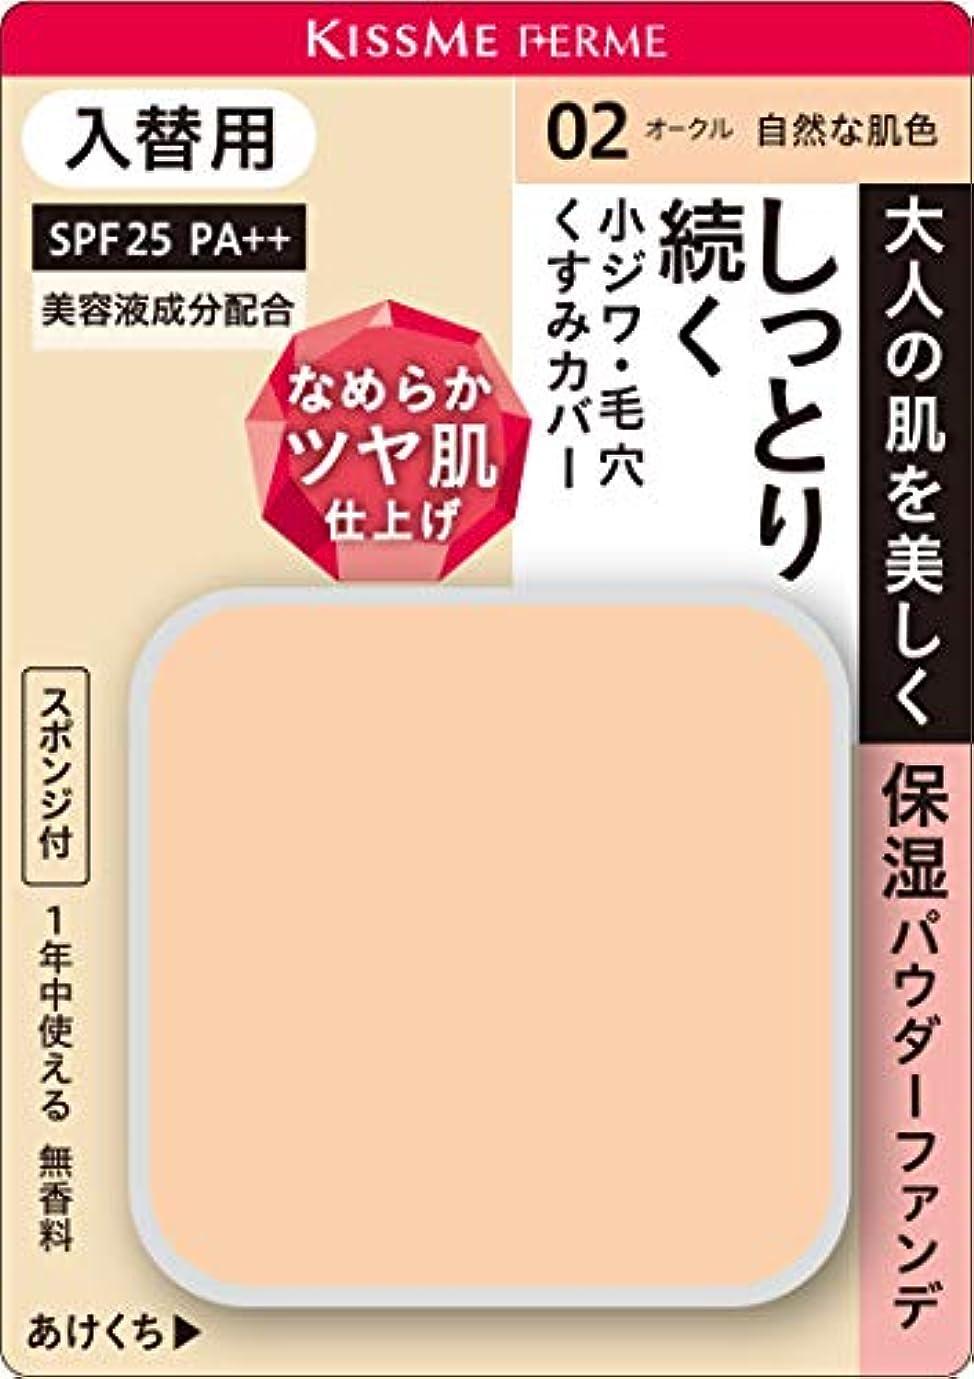 乳白色補助味フェルム しっとりツヤ肌パウダーファンデ 入替用 02 自然な肌色